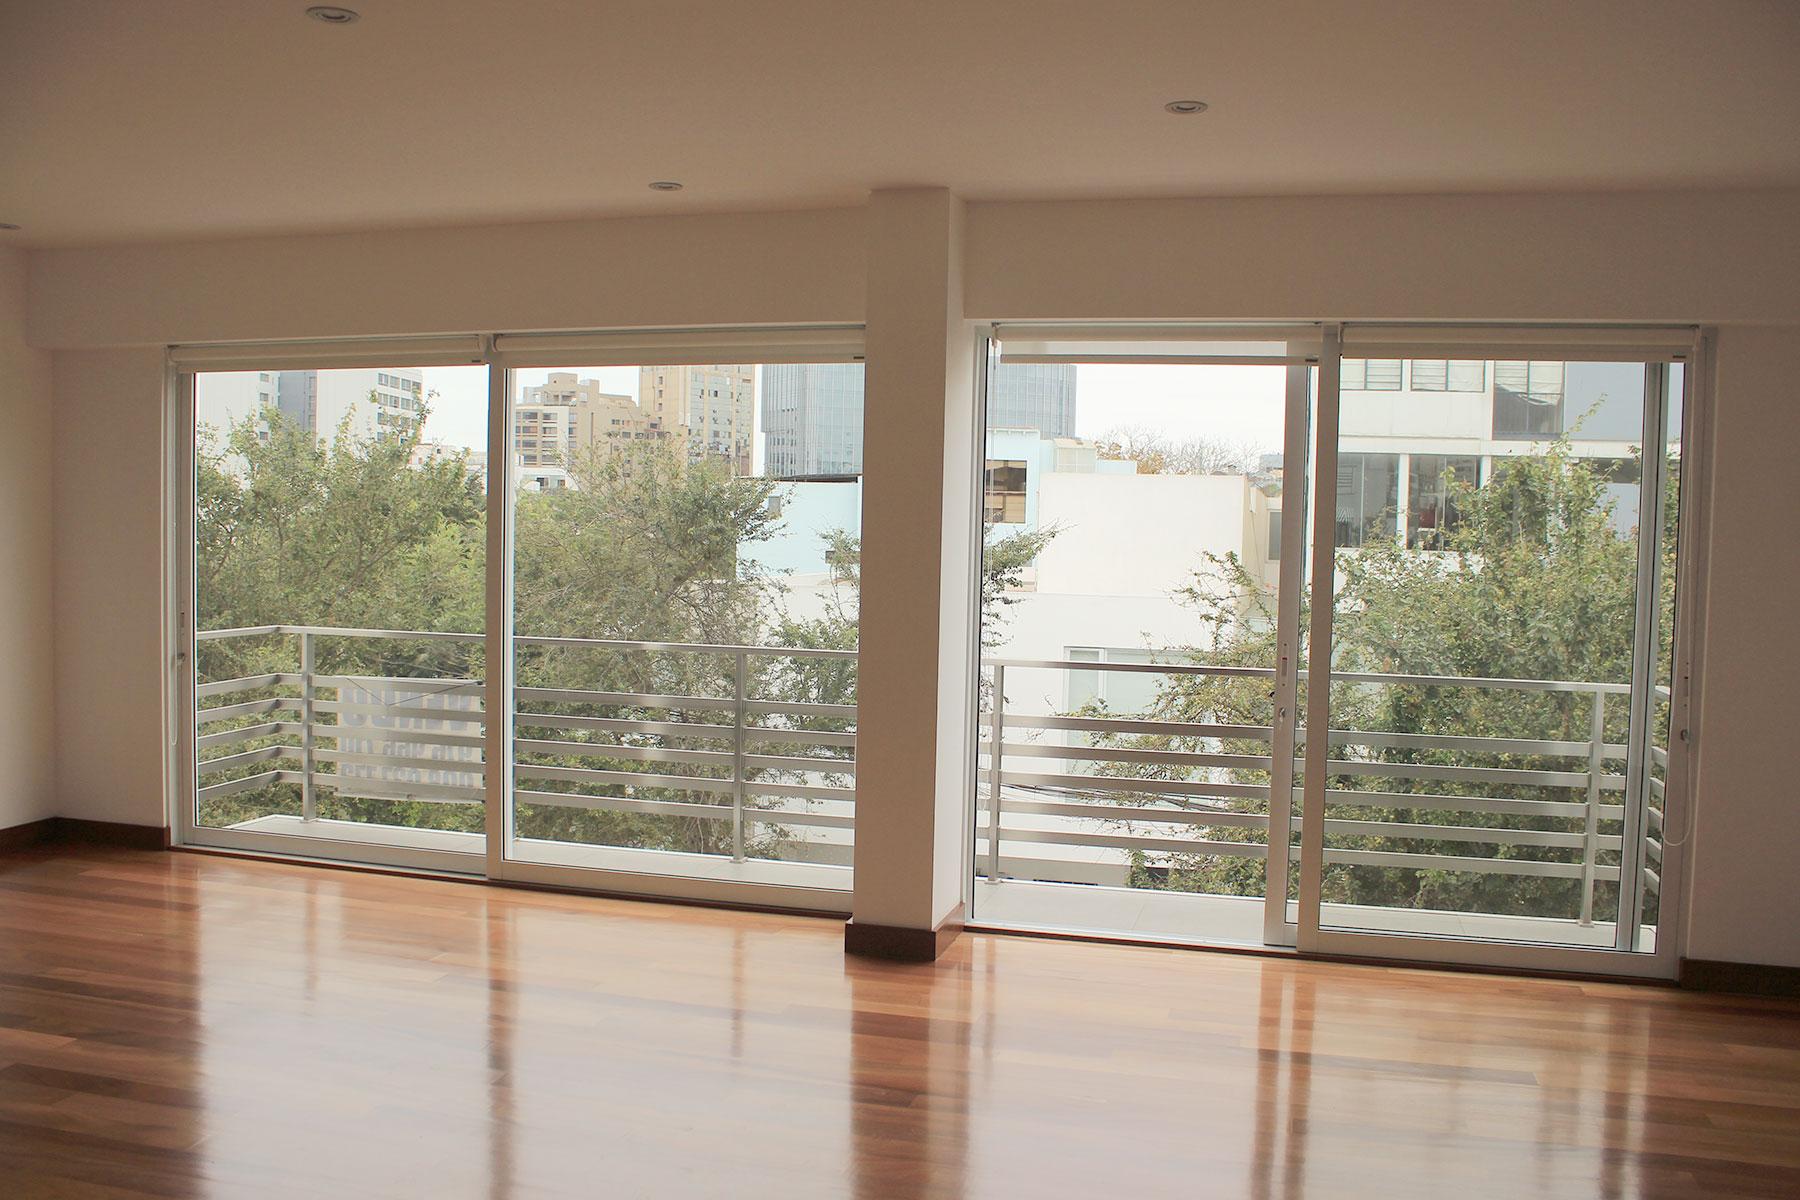 Apartment for Sale at Fino departamento de Estreno ubicado en la zona exclusiva del Olivar Calle Manuel Perez de Tudela San Isidro, Lima, 27 Peru